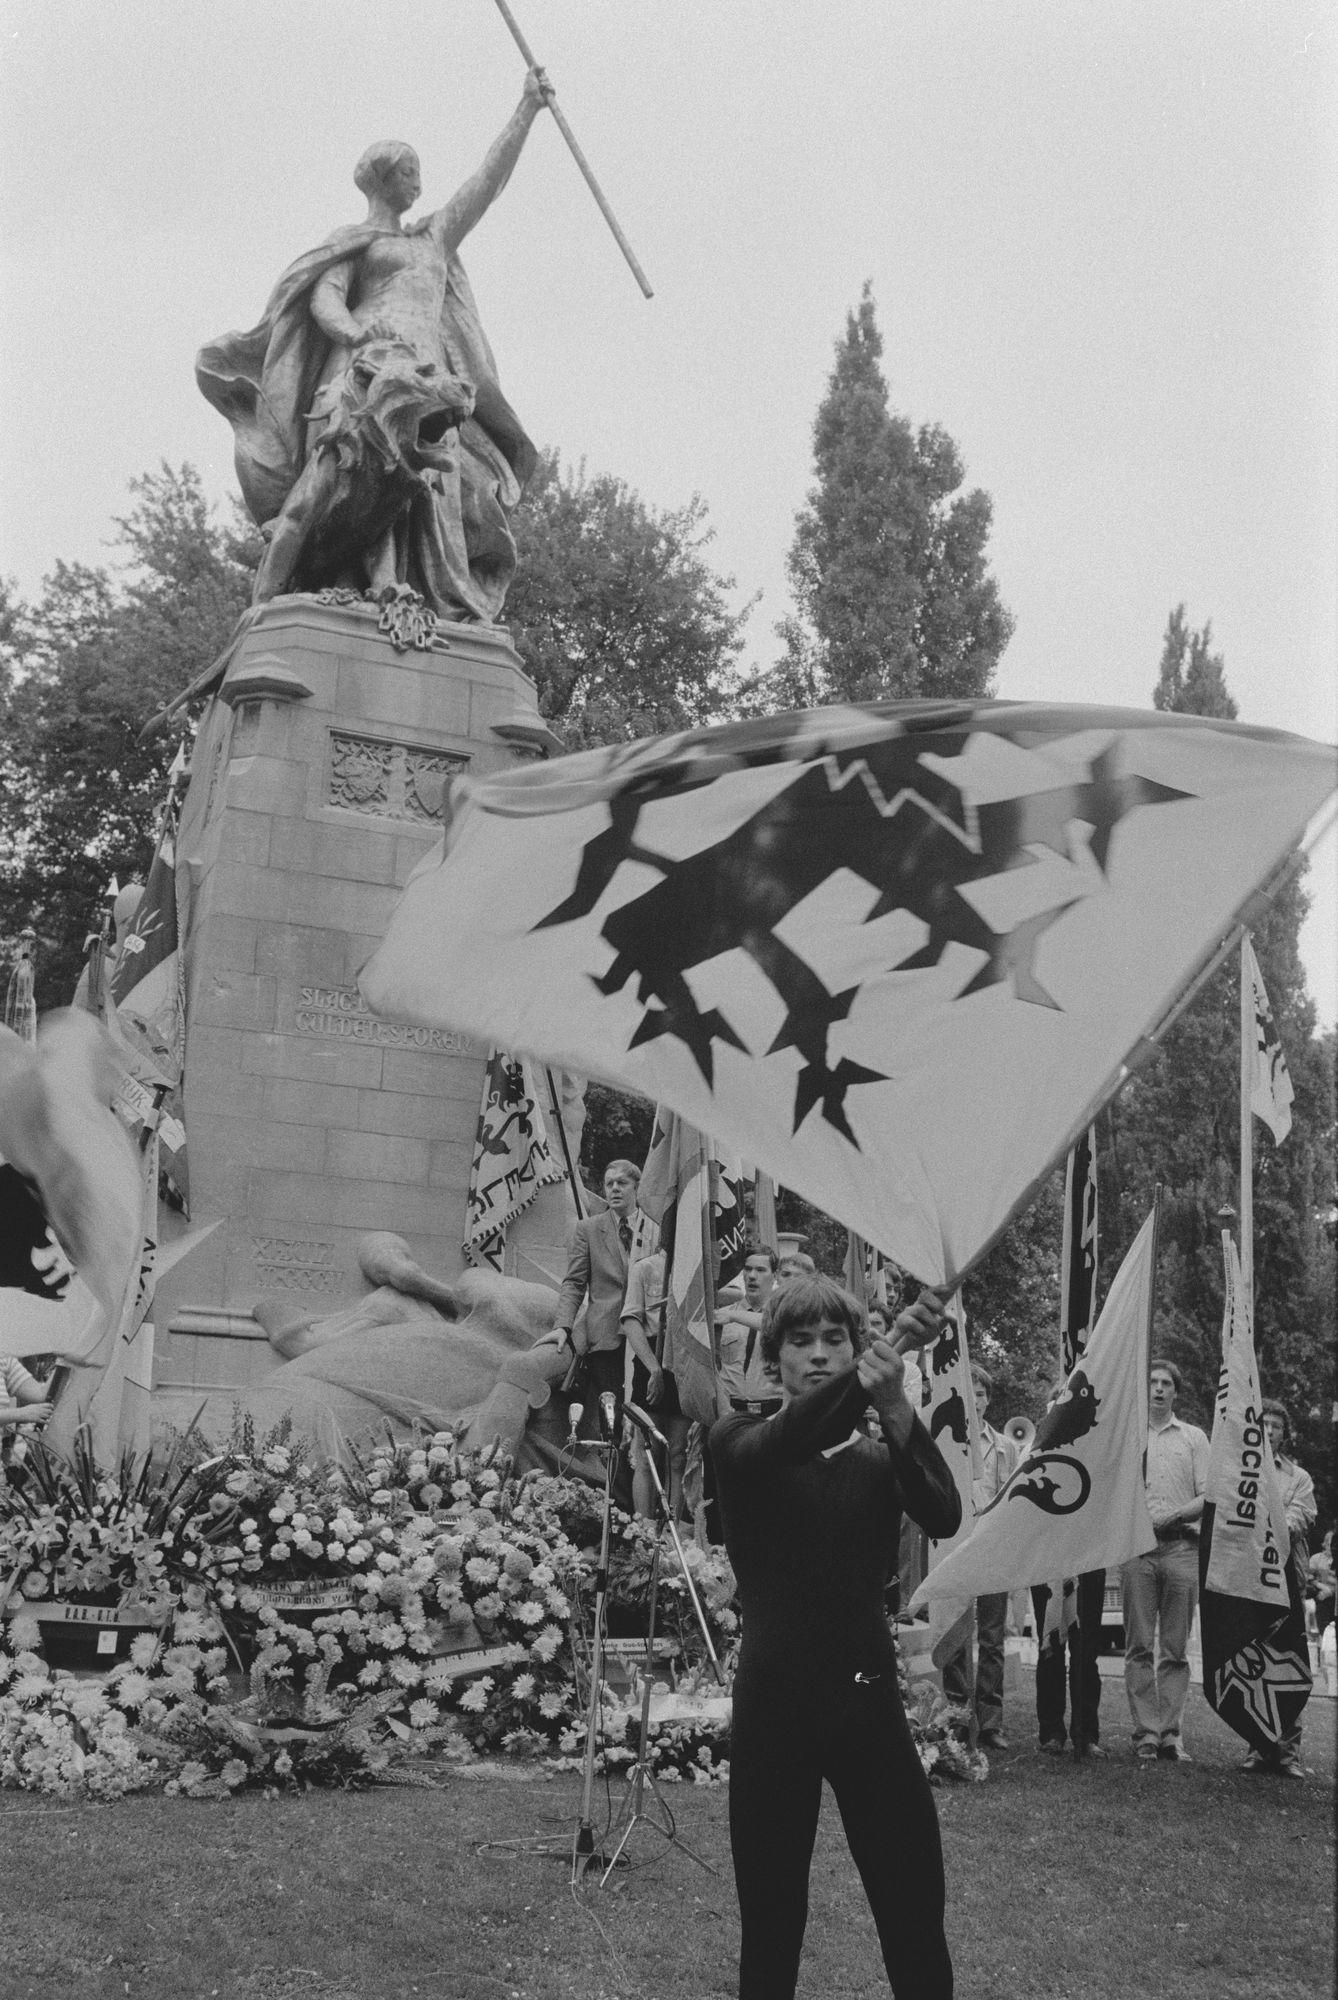 Vlaggenzwaaier tijdens de 11 juliviering 1983